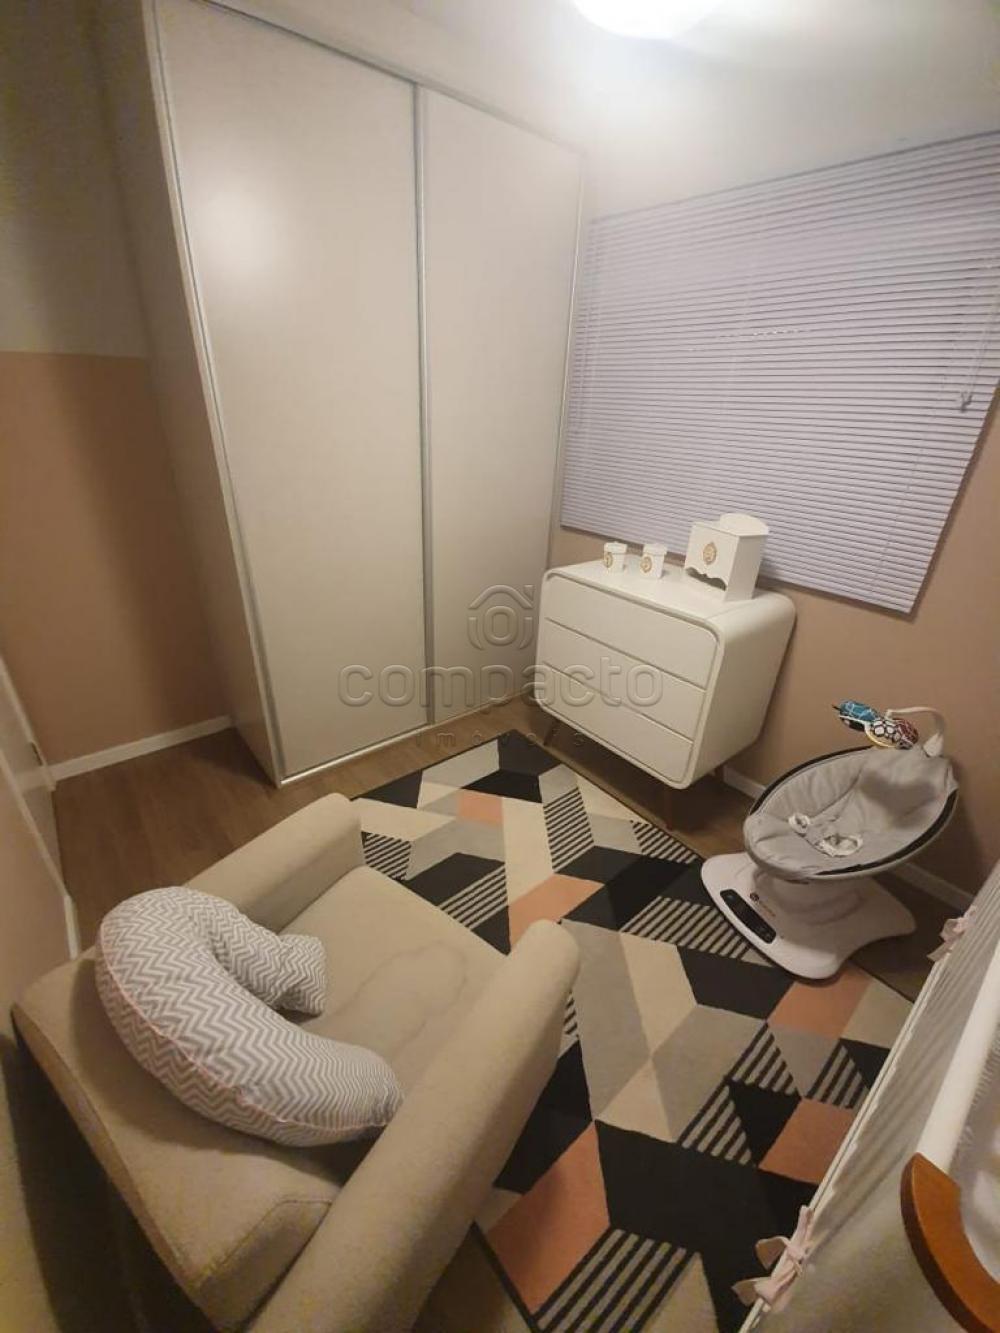 Comprar Apartamento / Padrão em São José do Rio Preto apenas R$ 635.000,00 - Foto 9